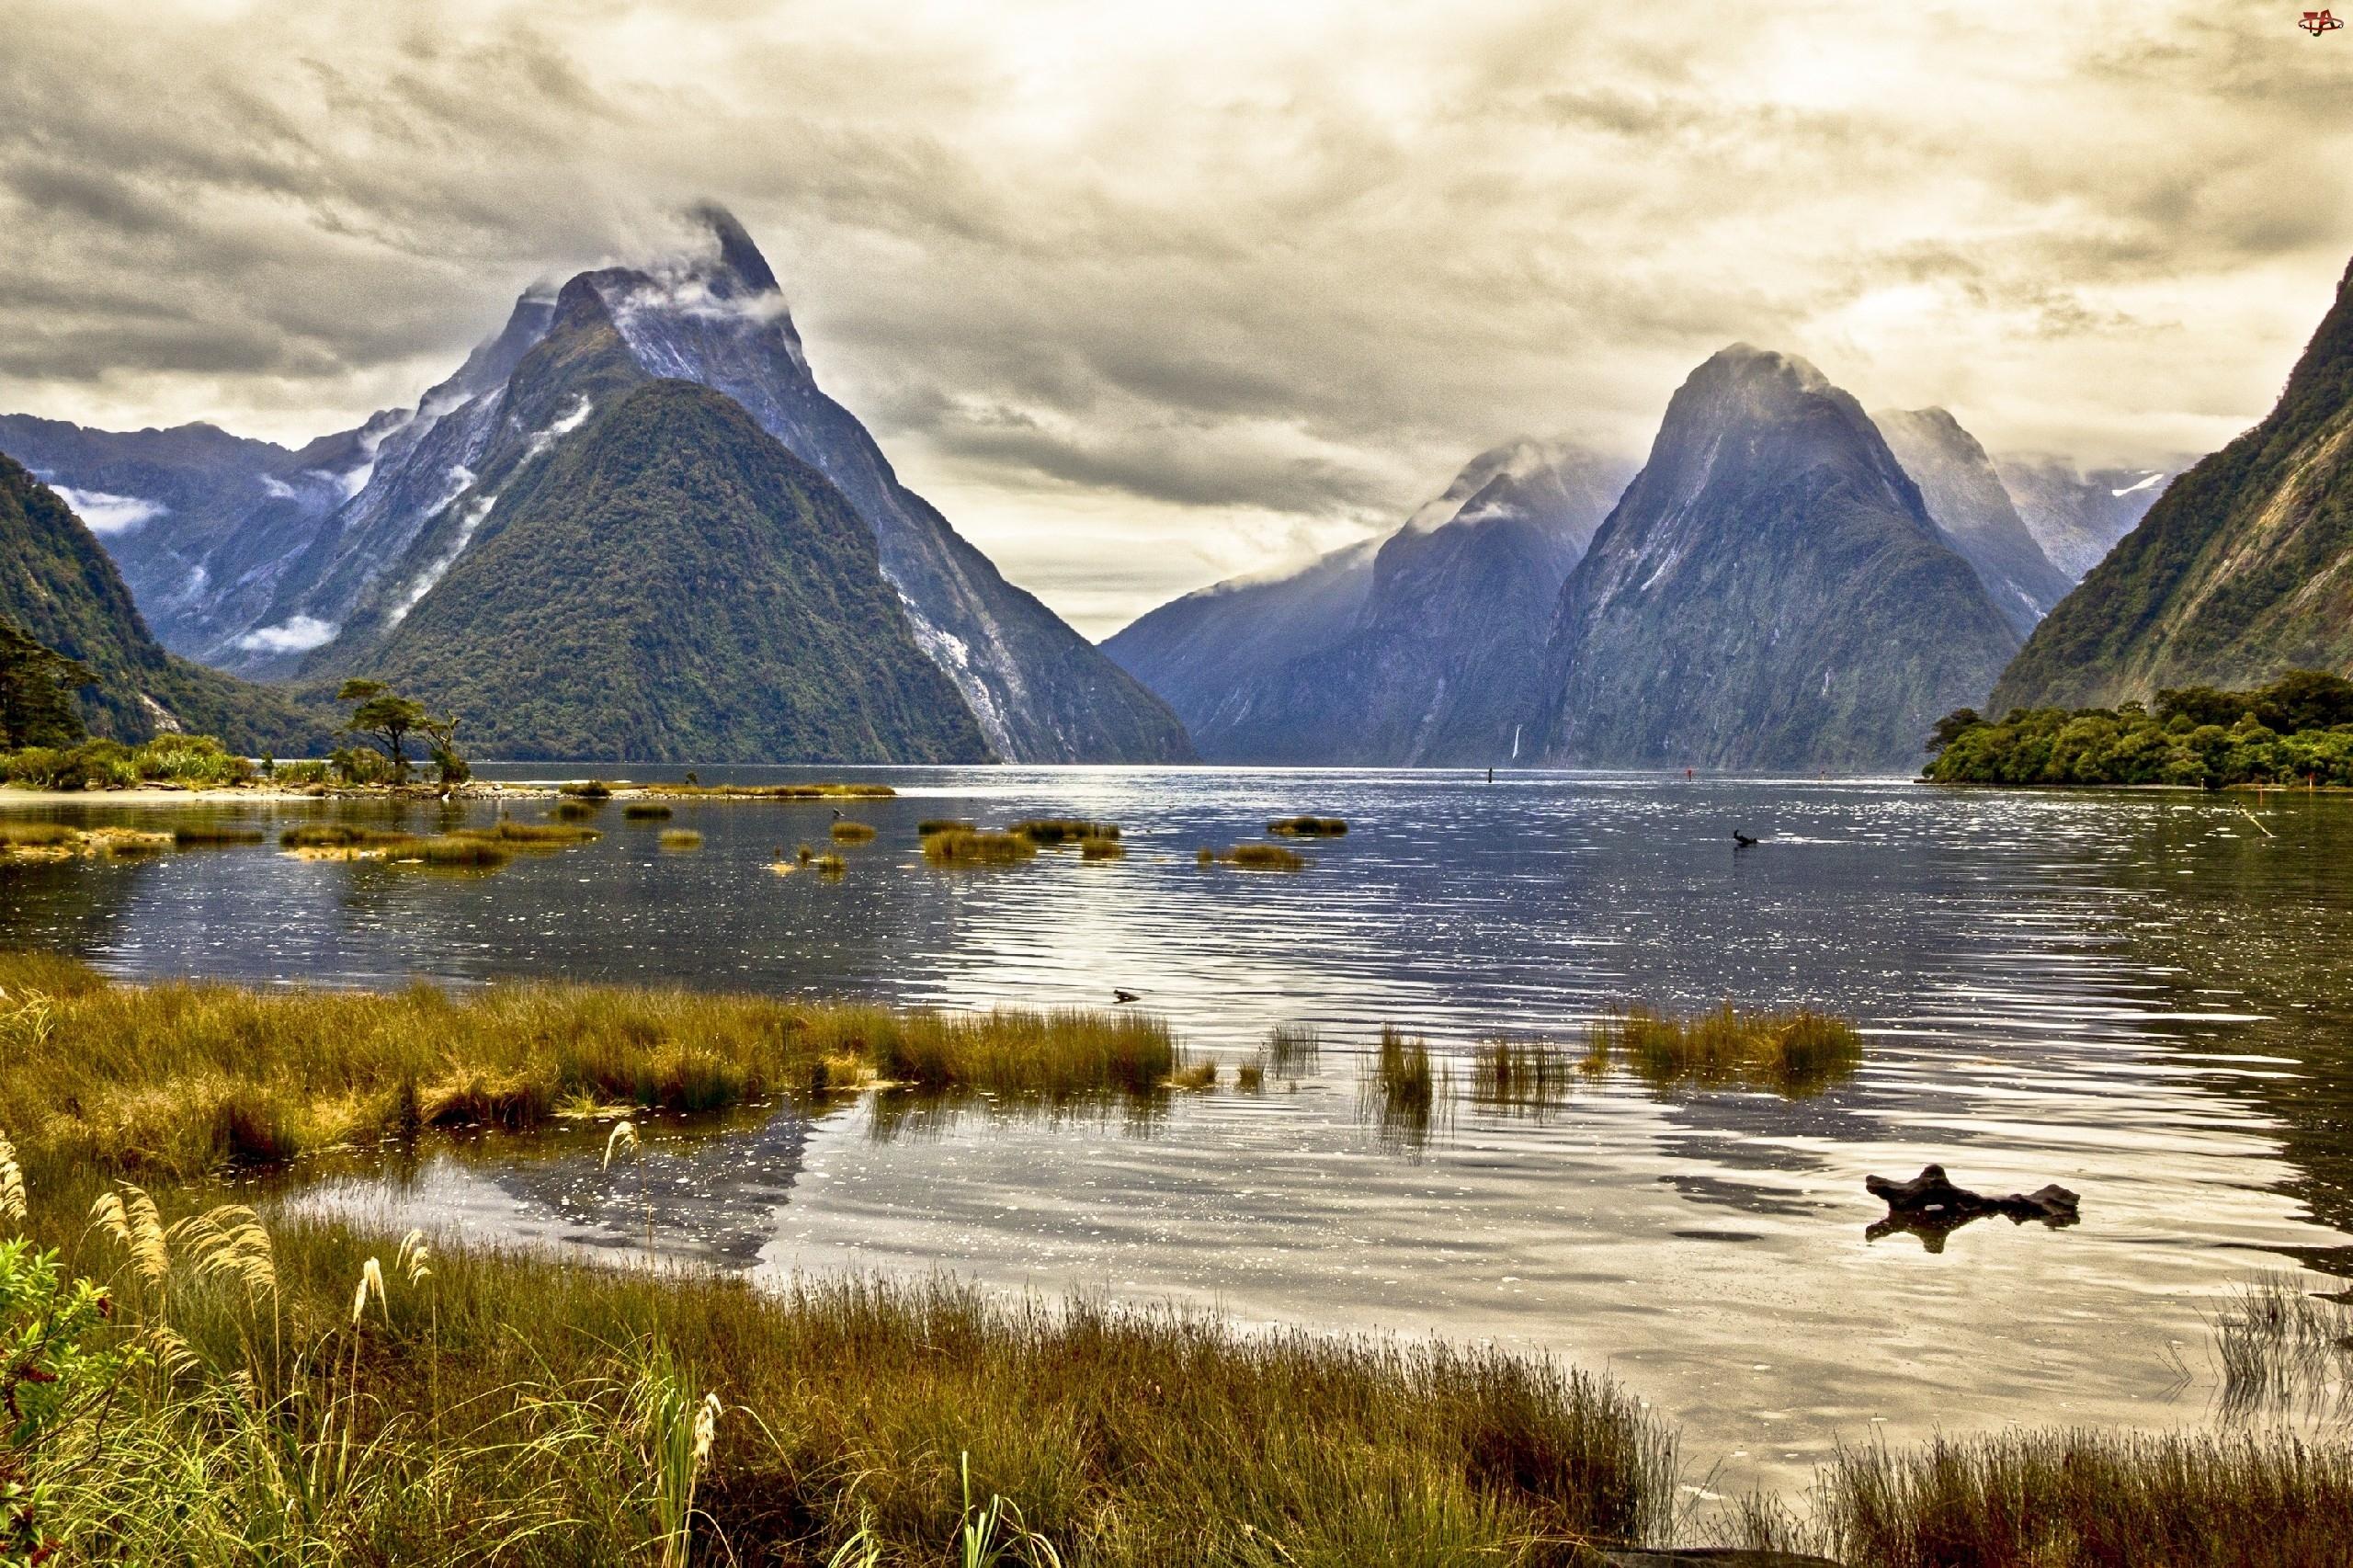 Nowa Zelandia, Jezioro, Chmury, Góry, Milford Sound